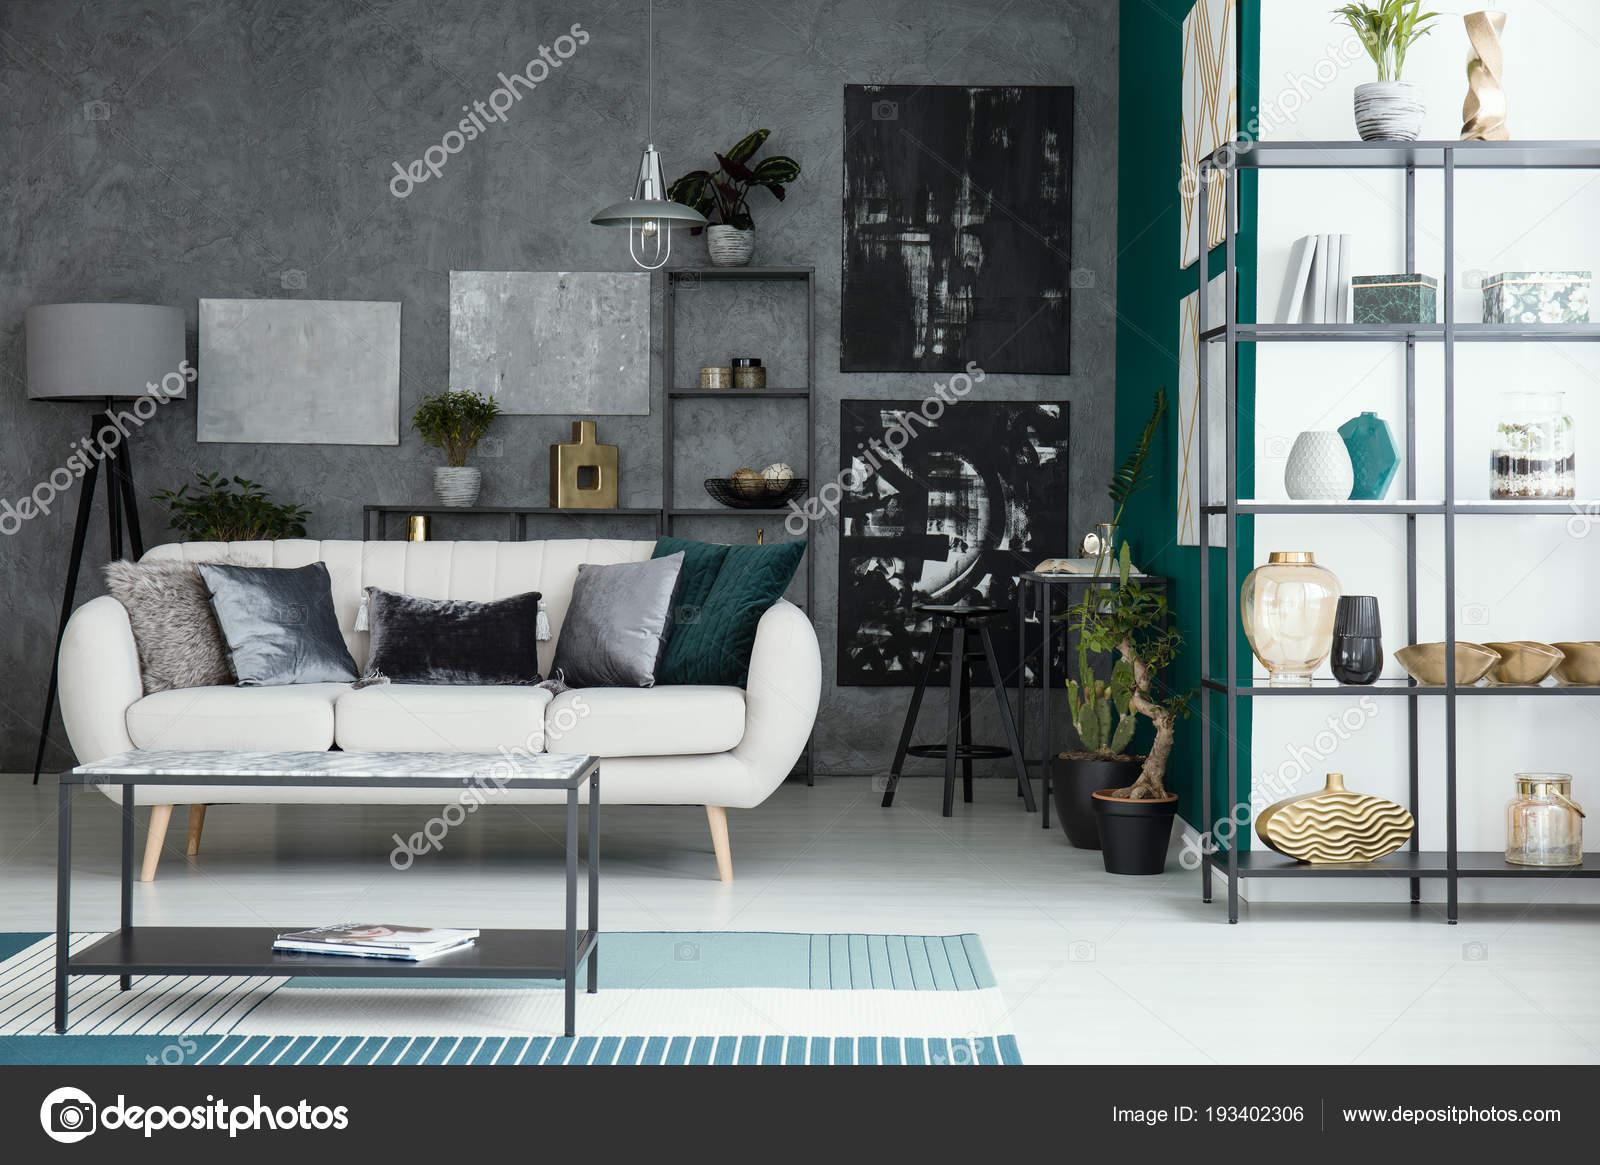 beige bankstel en tabel in woonkamer interieur met galerij op grijs muur en de planken foto van photographeeeu